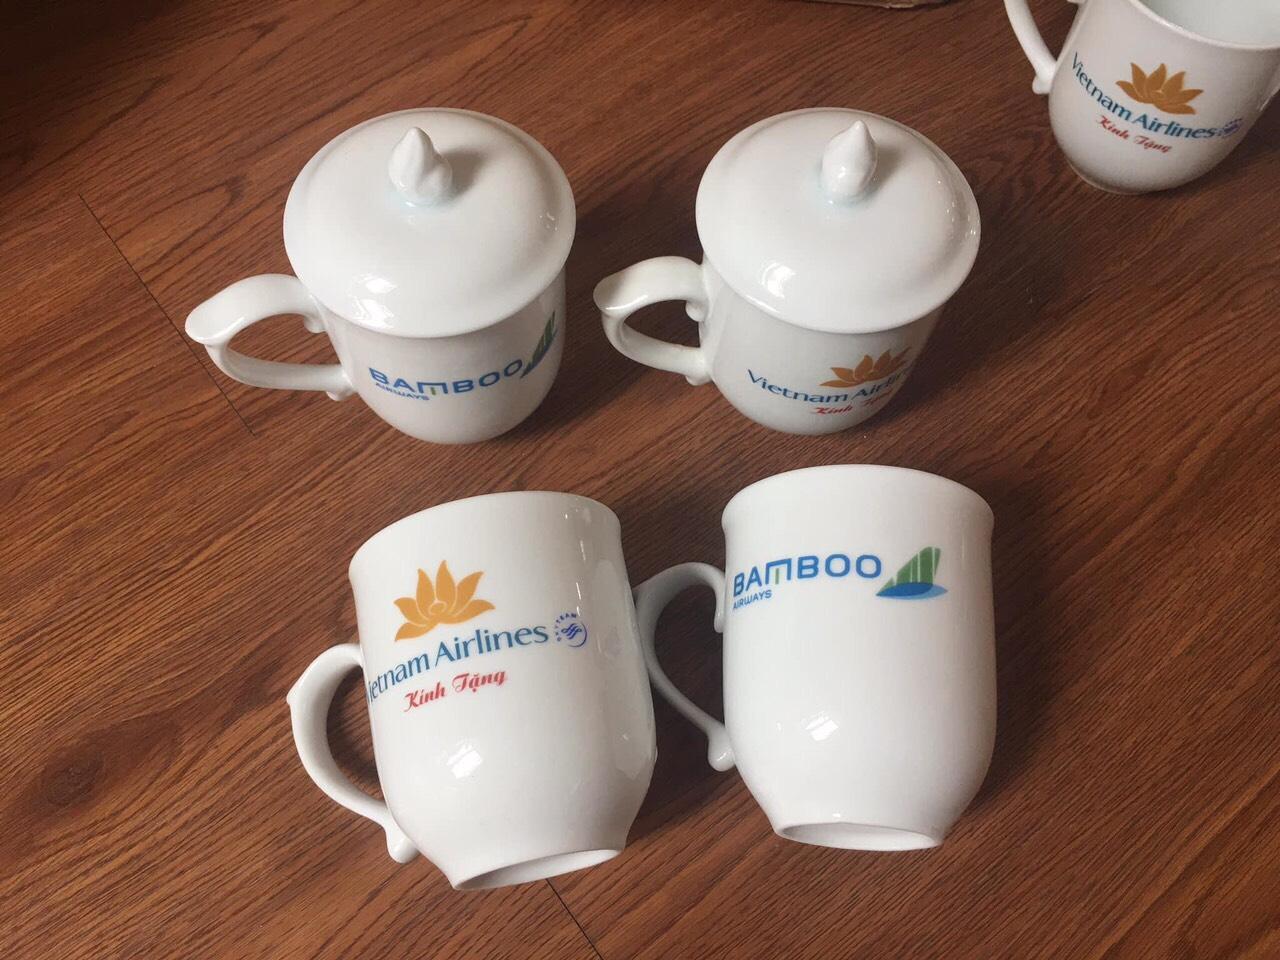 Quà tặng tết cho doanh nghiệp in logo lên sản phẩm theo yêu cầu giá rẻ